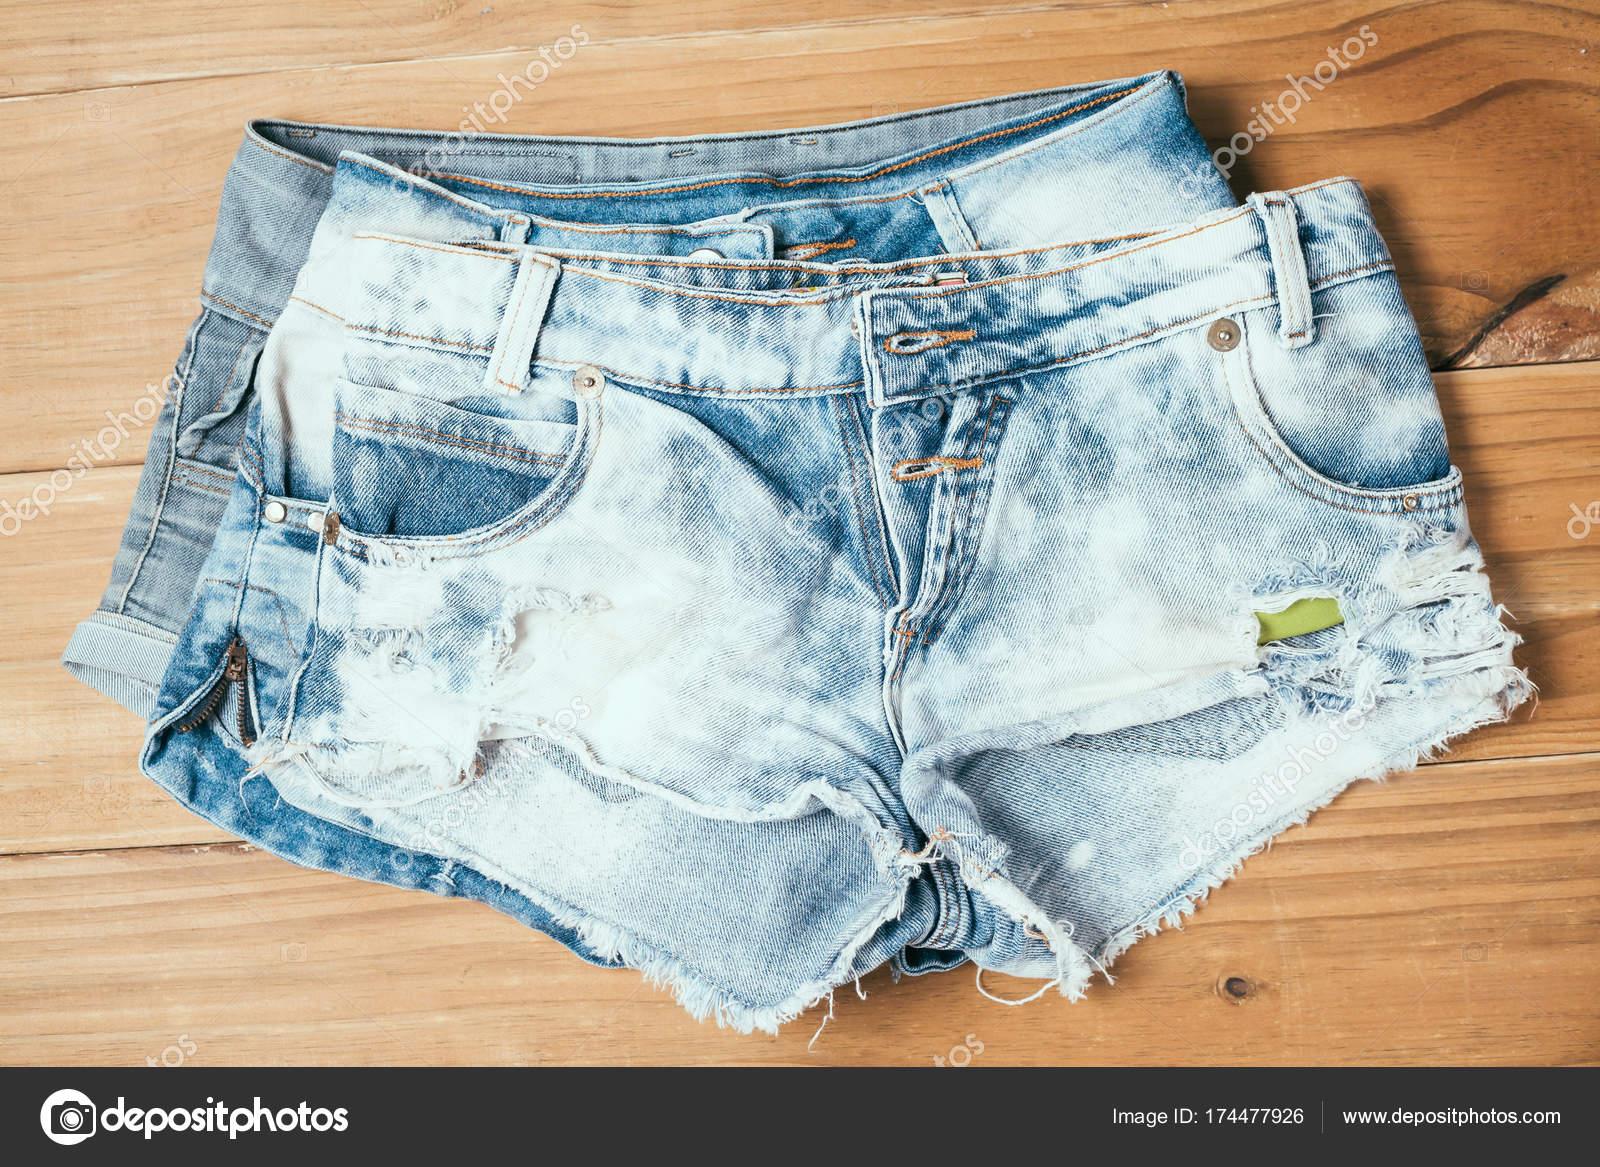 fb1b3199ce Pantalones cortos de mujer jeans rotos azul sobre fondo de madera vieja —  Foto de Stock